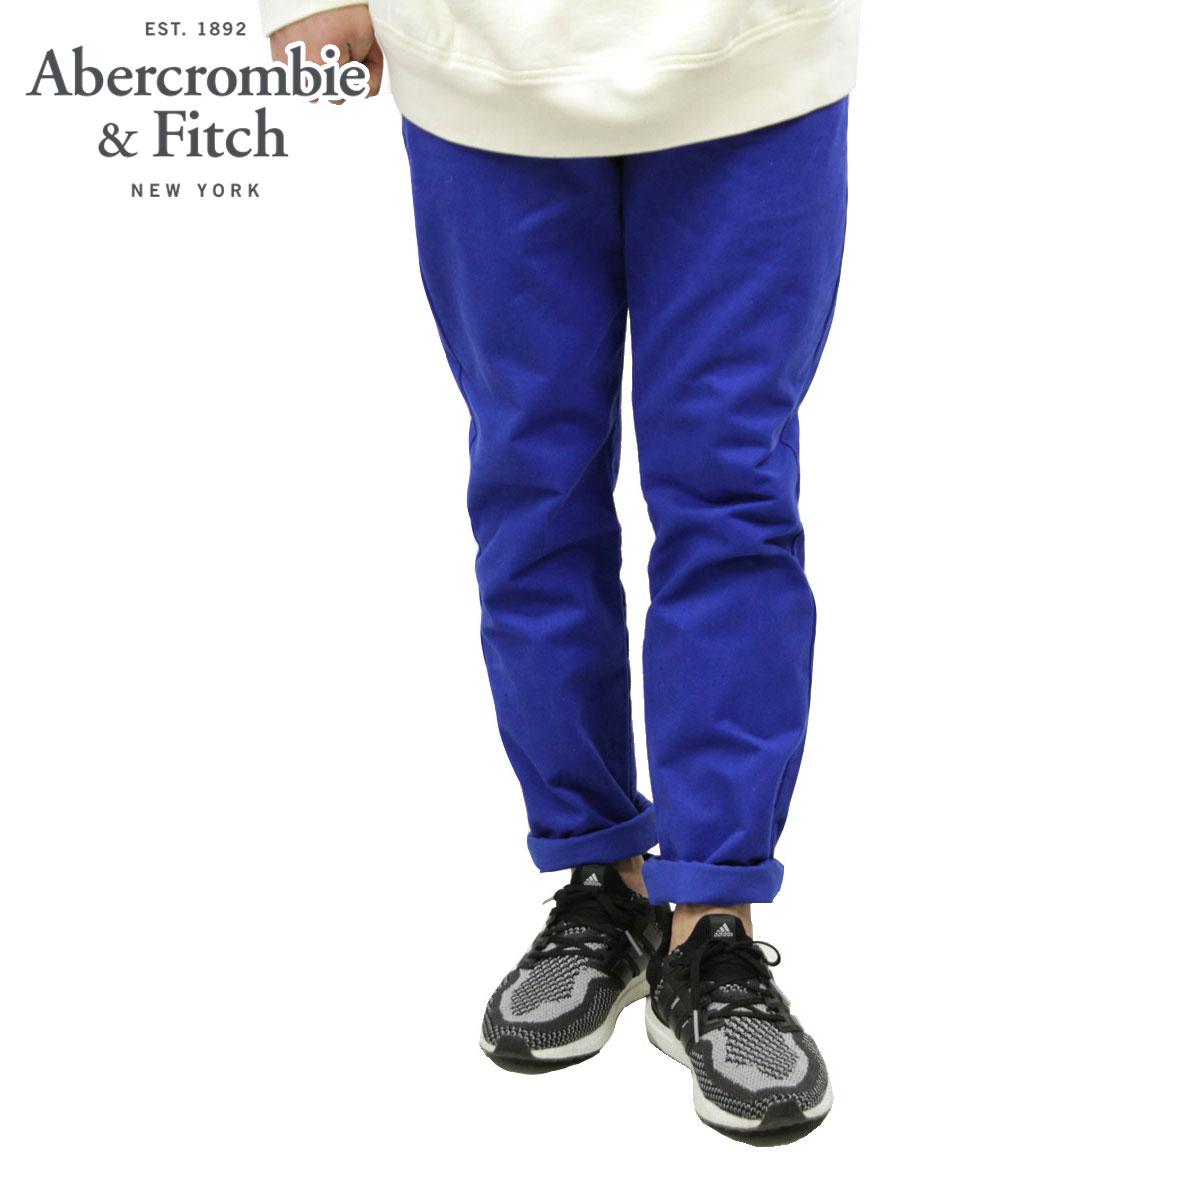 【ポイント10倍 1/1 00:00~1/5 23:59まで】 アバクロ チノパン メンズ 正規品 Abercrombie&Fitch スキニーチノパン ボトムス A&F SKINNY CHINOS BLUE